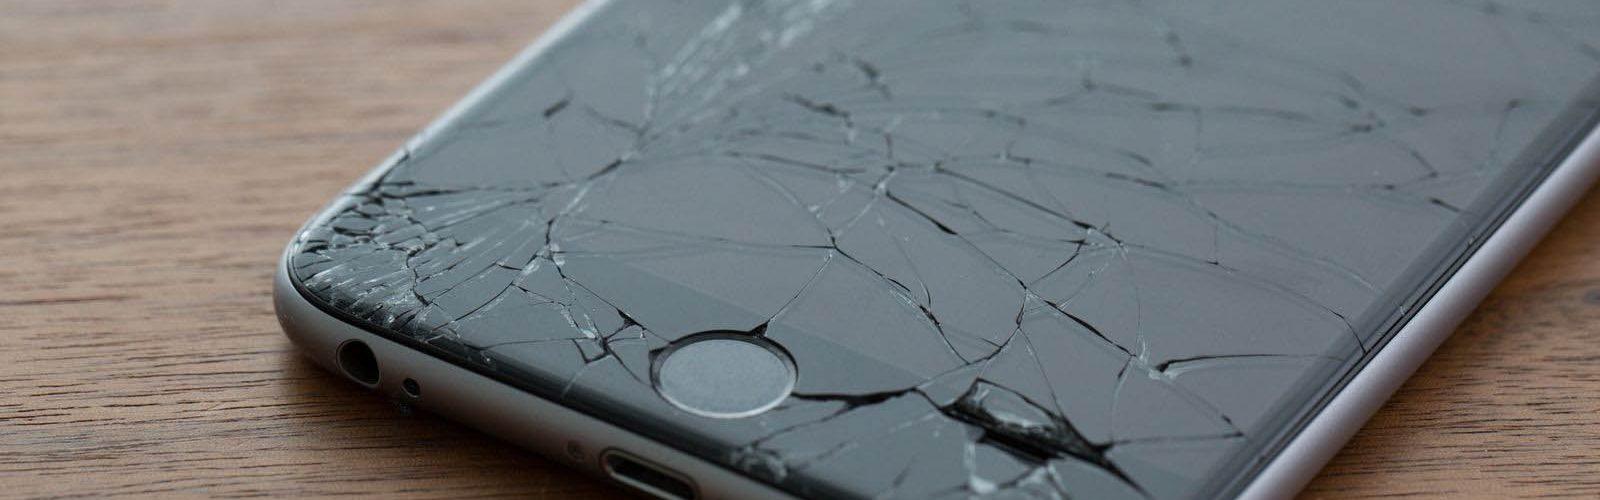 Ecran iPhone 6 cassé